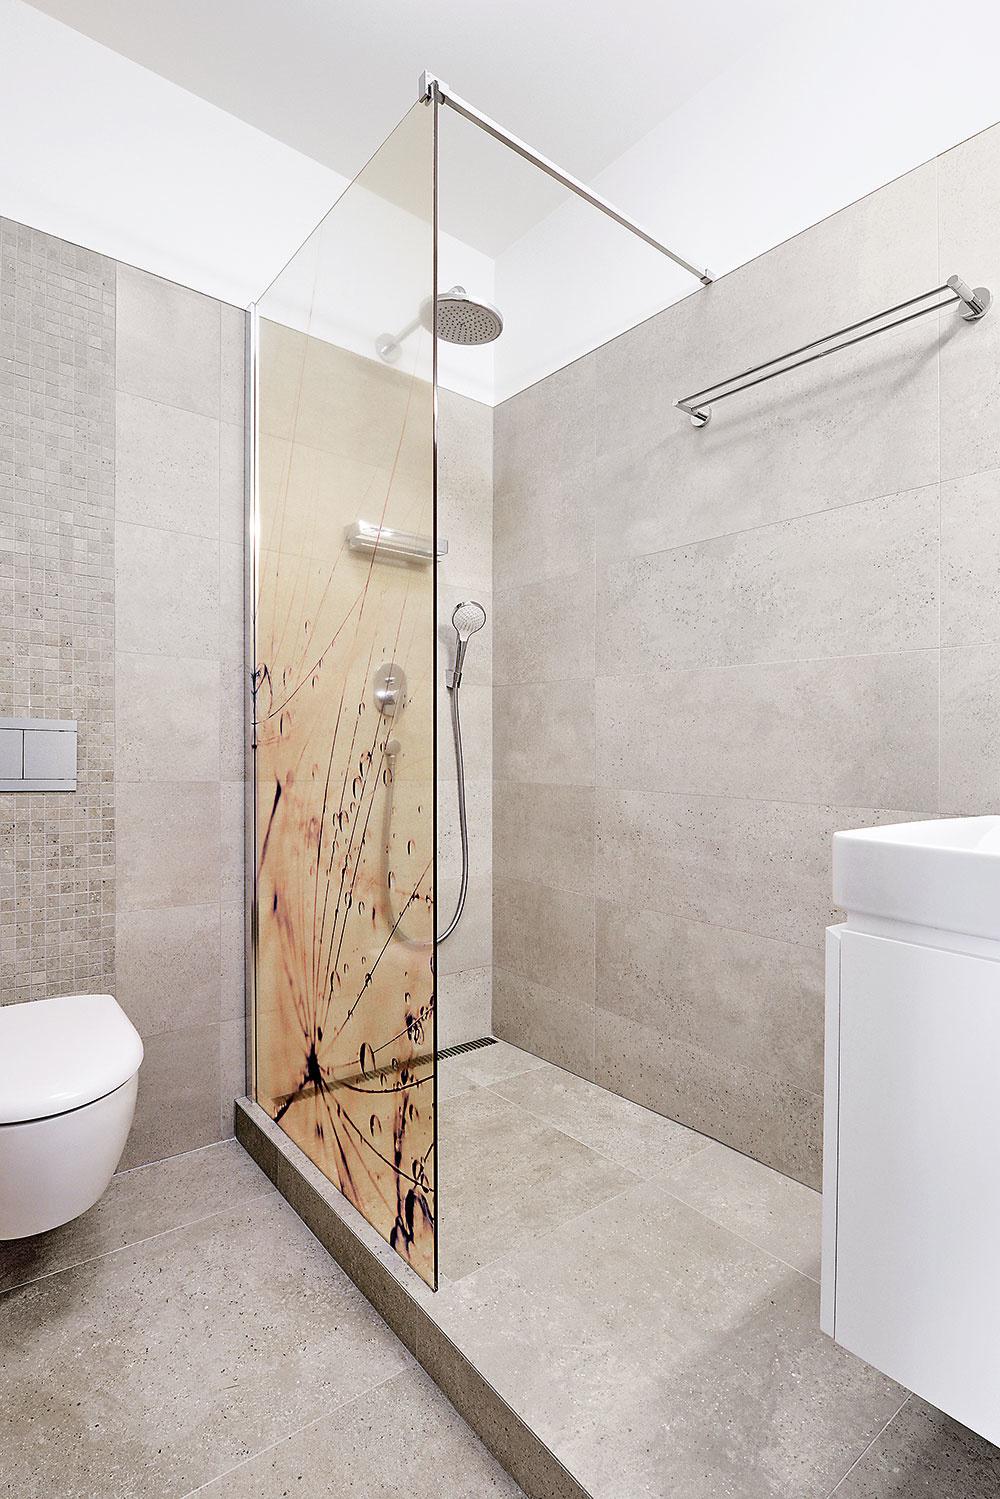 OBKLADY VOBOCH KÚPEĽNIACH, imitujúce kameň, sú od španielskeho výrobcu Porcelanosa. Sprchová zástena vhosťovskej kúpeľni je zo skla sjemným grafickým prírodným motívom, ktoré ozvláštňuje neutrálny obklad.